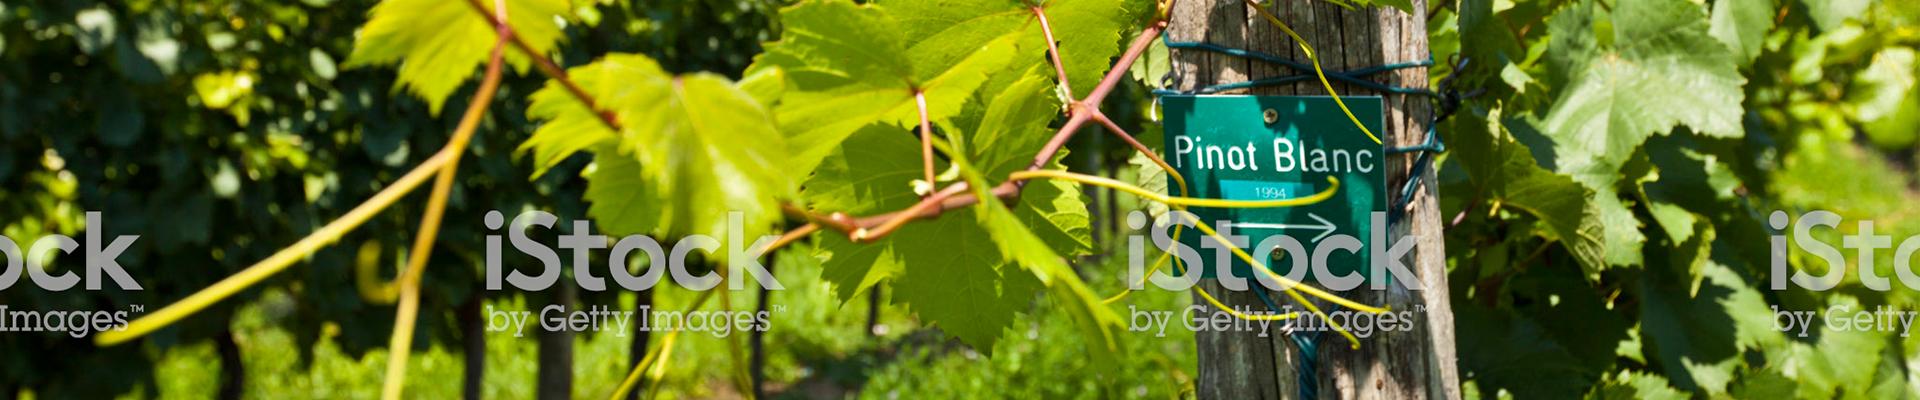 פינו בלאן - Pinot Blanc